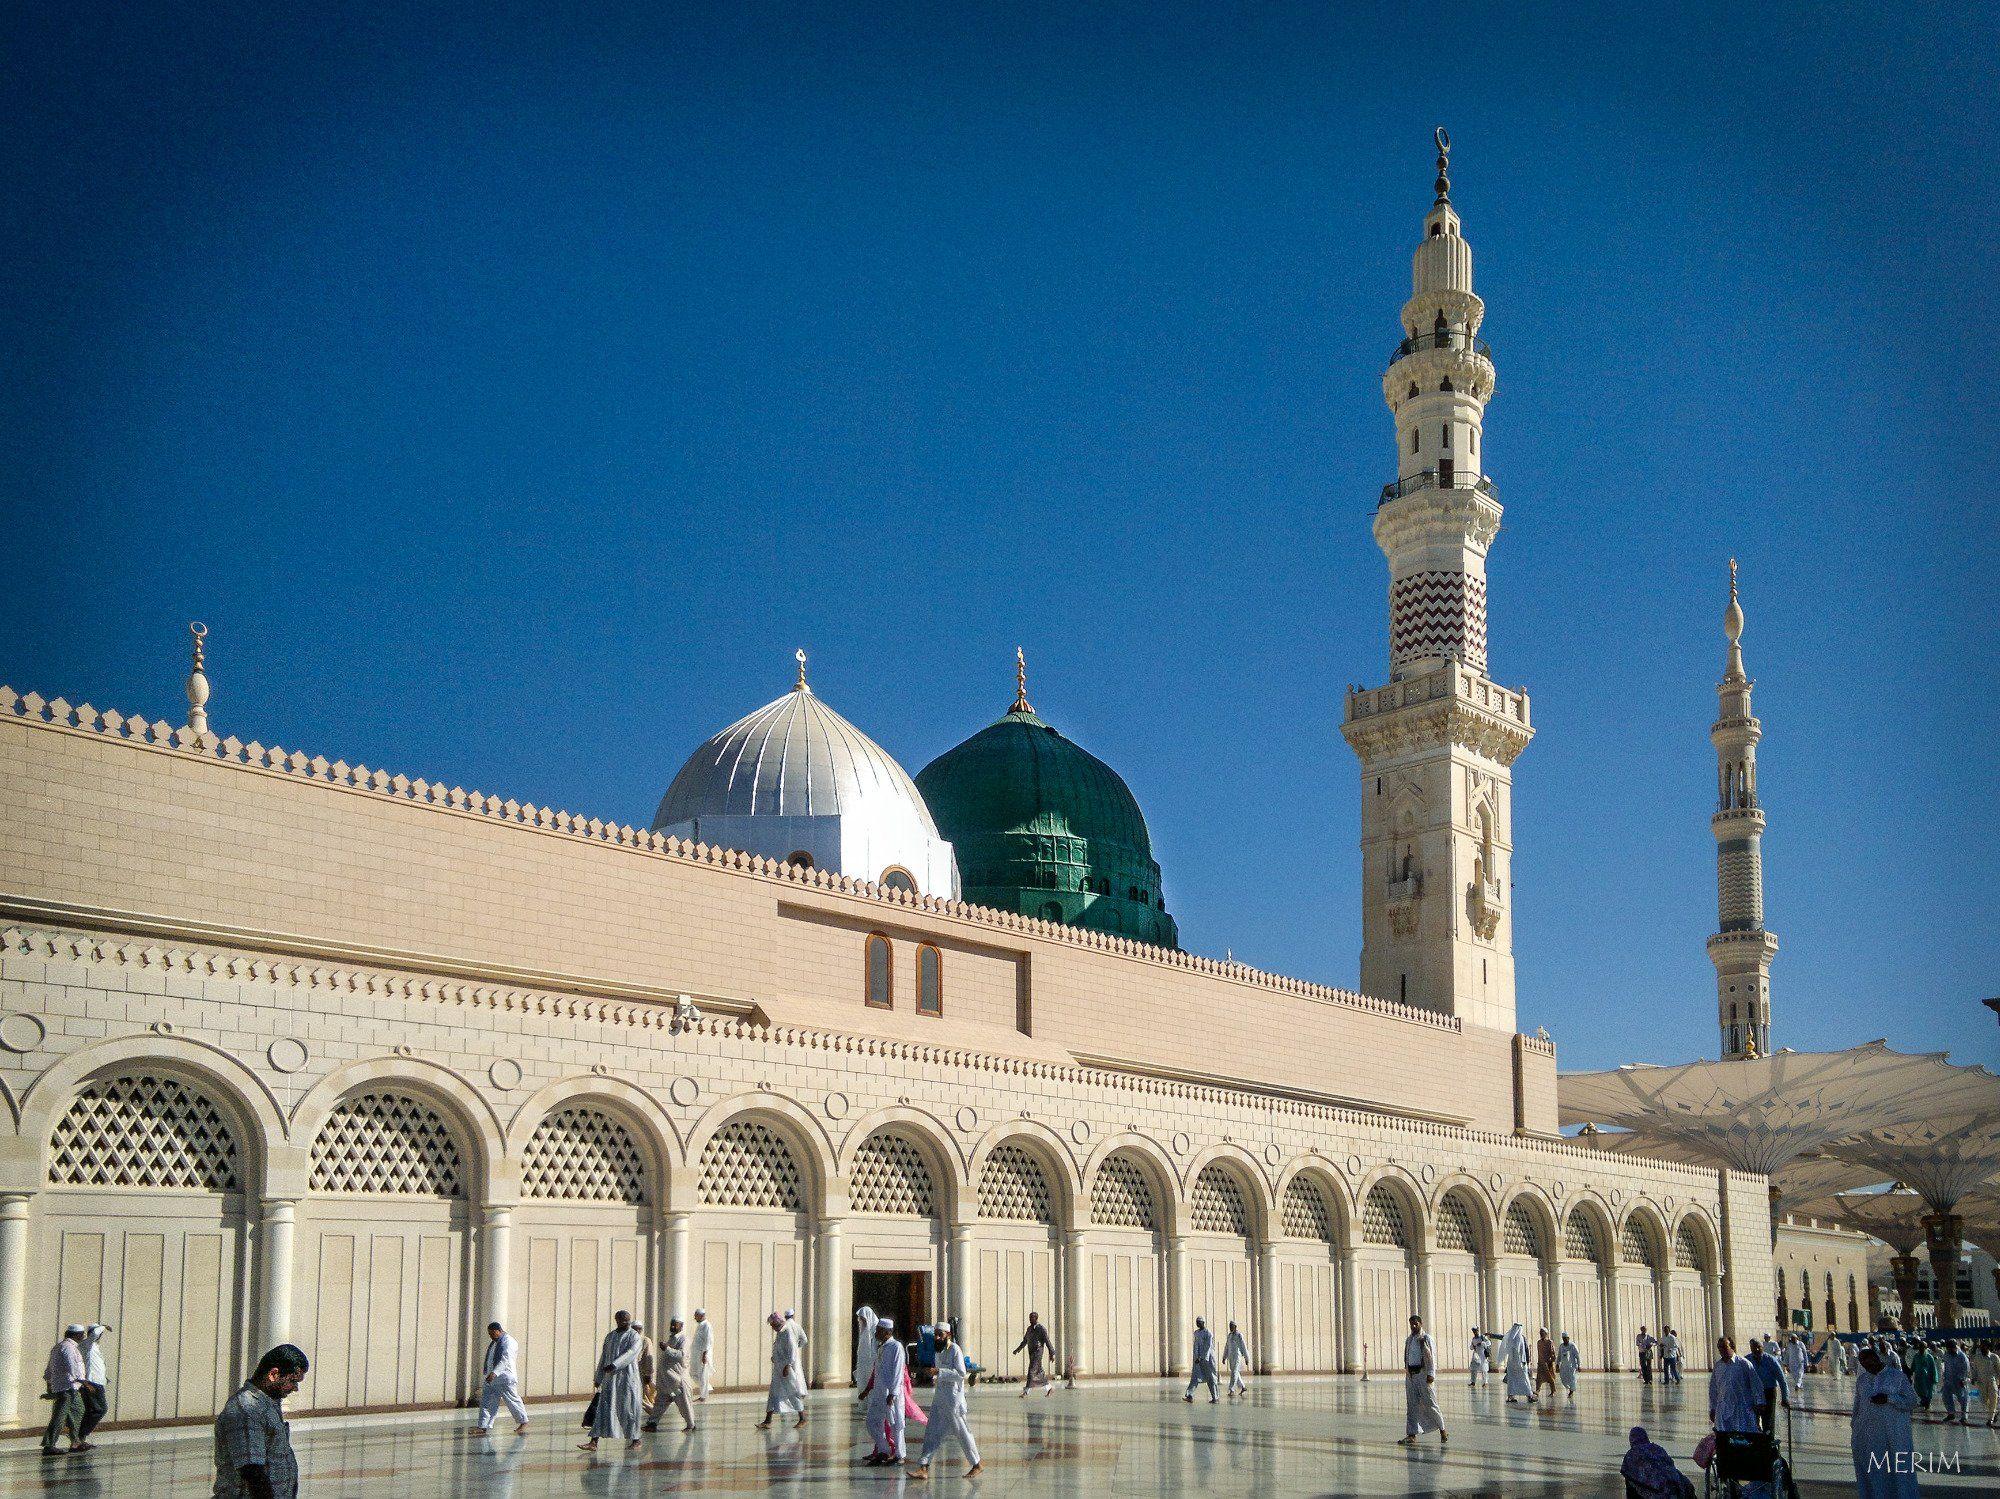 Umat Islam Diizinkan Sholat di Atap Masjid Nabawi